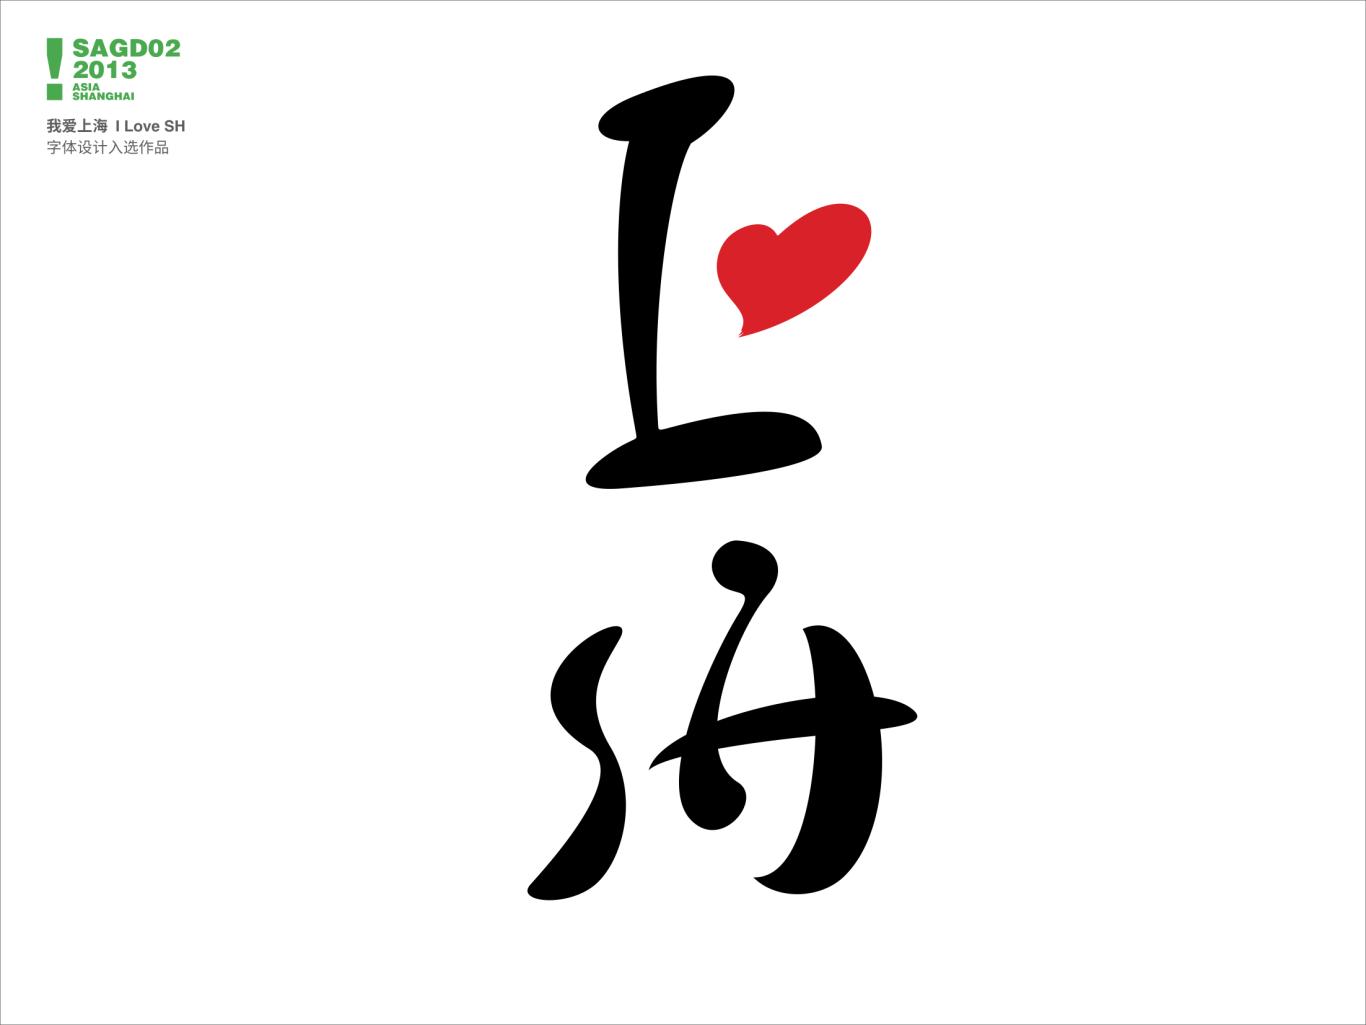 第二届上海亚洲平面设计双年展——我爱上海 I Love SH字体设计入选作品图1